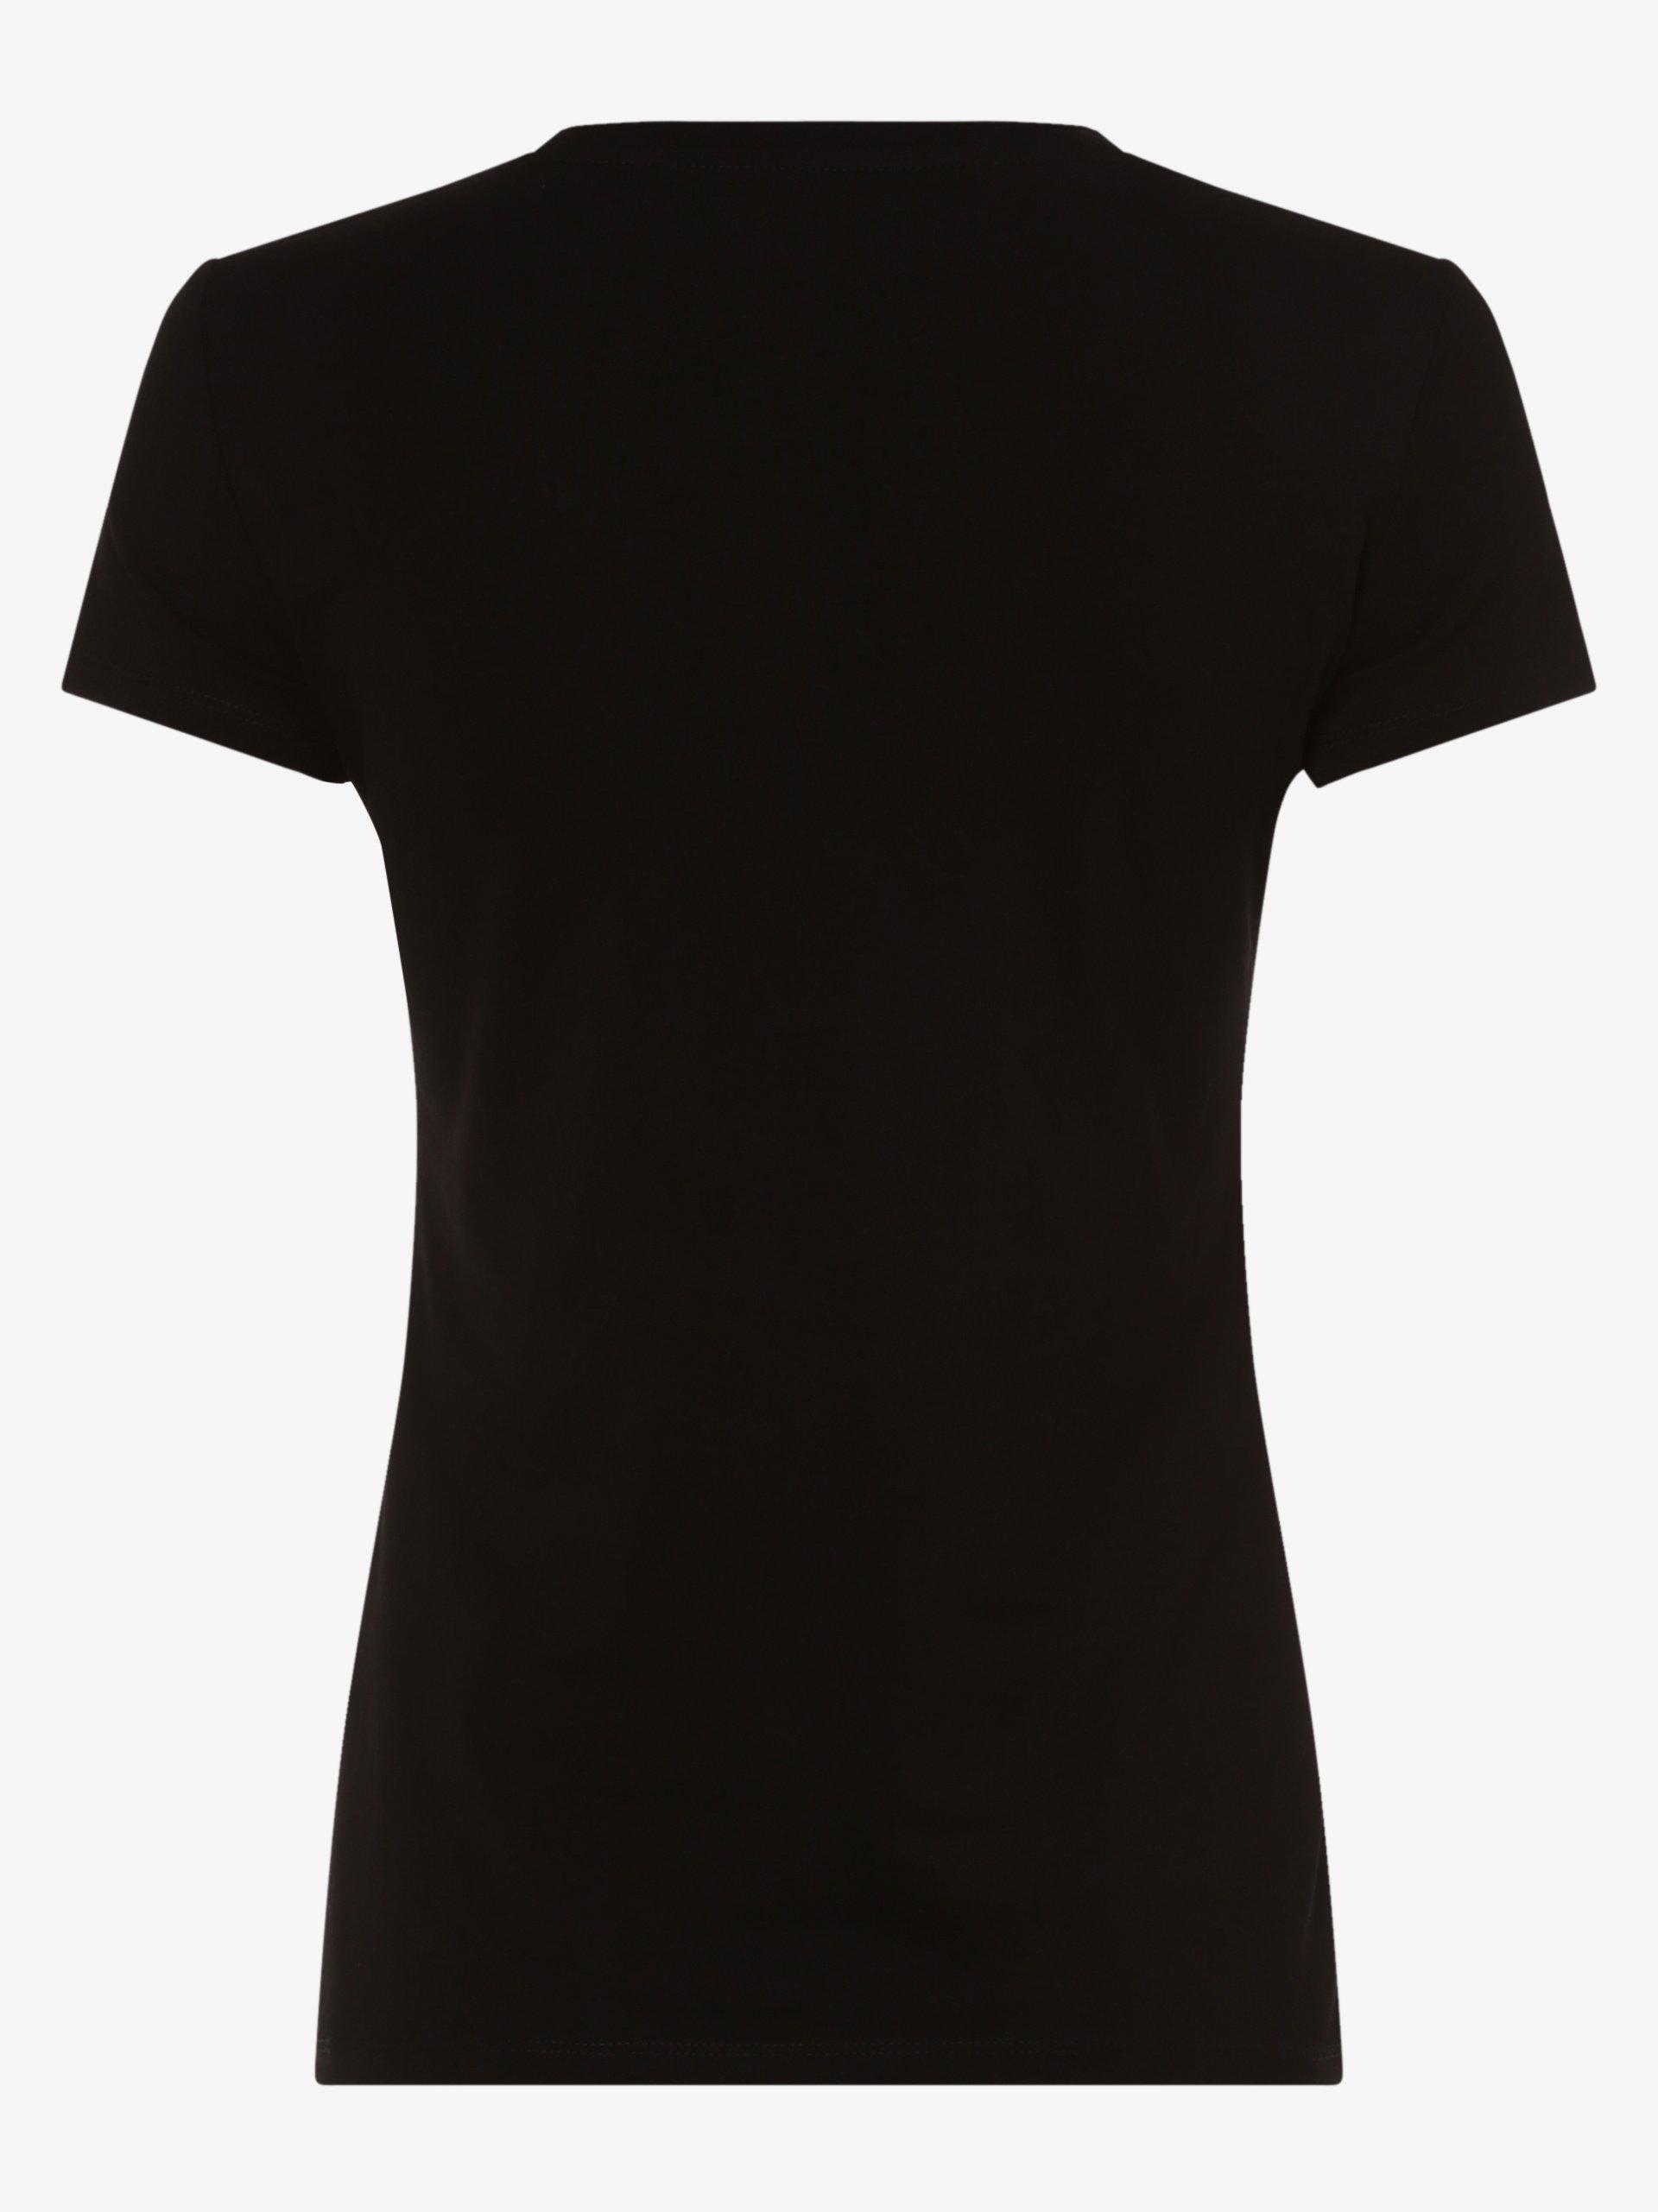 Guess Jeans Damen T-Shirt